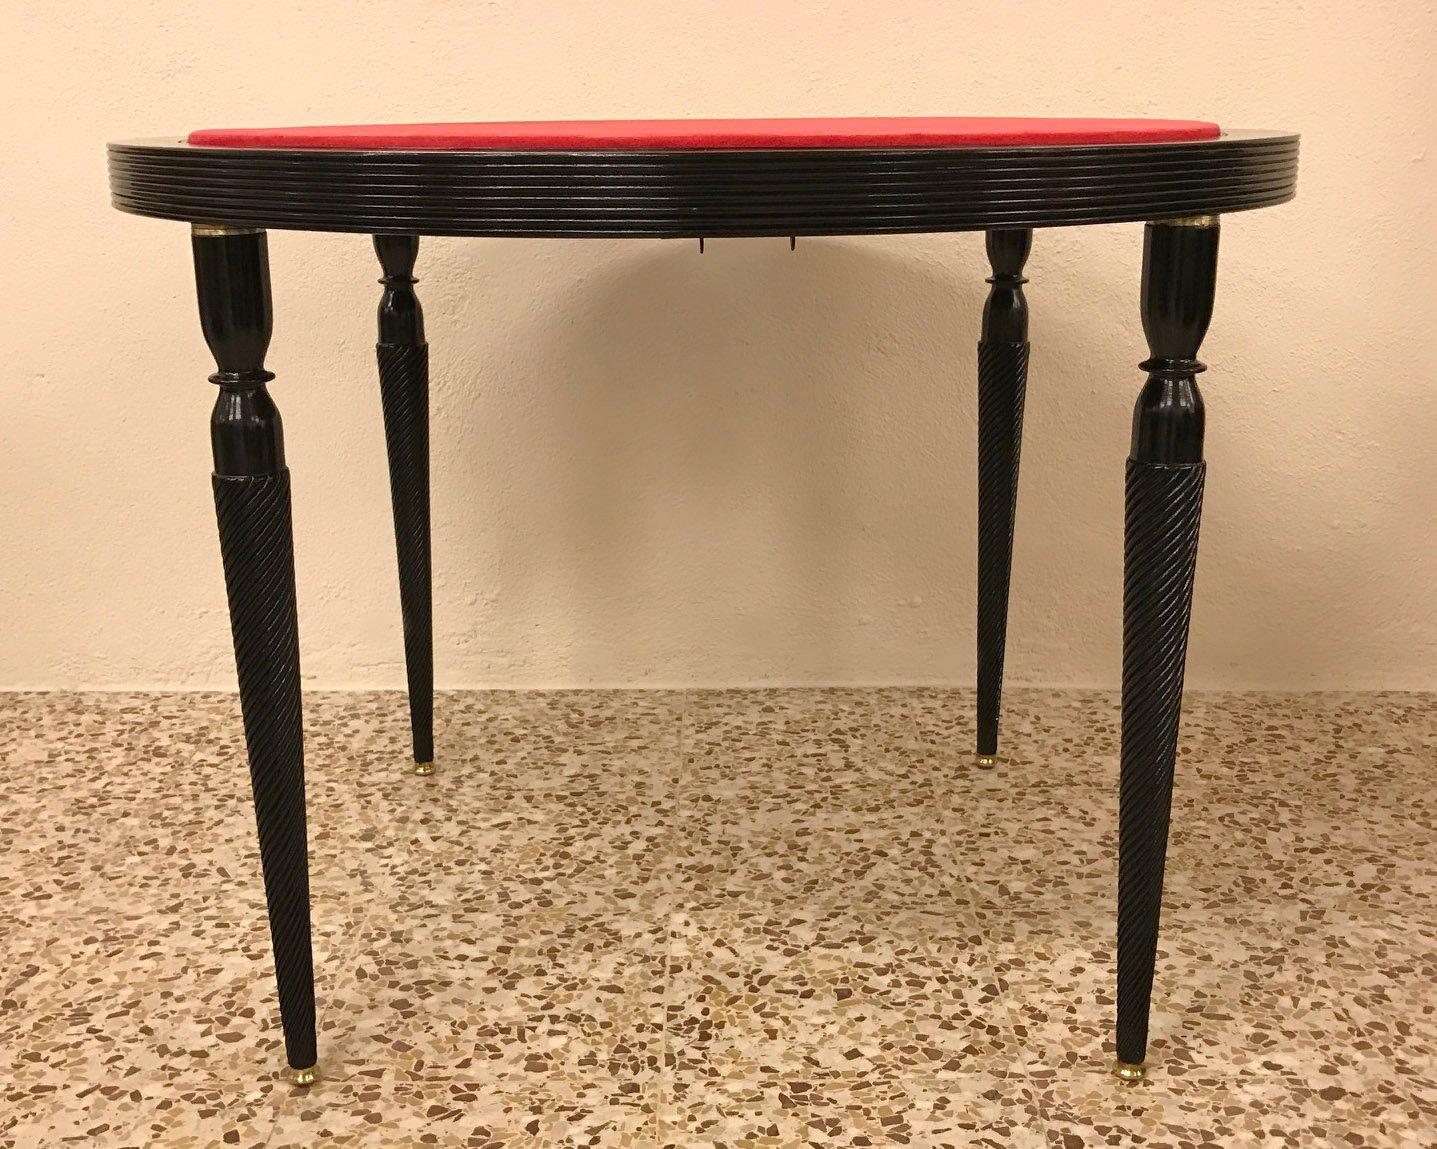 table de jeu art d co italie 1940s en vente sur pamono. Black Bedroom Furniture Sets. Home Design Ideas